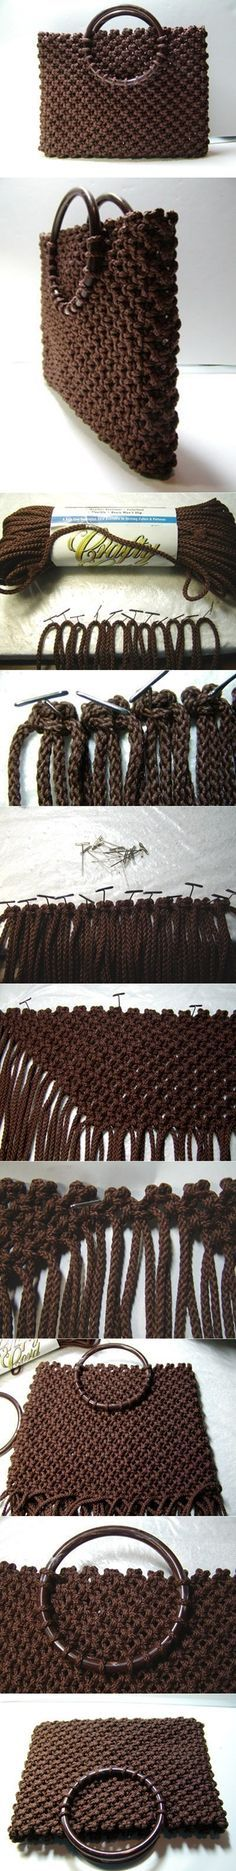 DIY Macrame Cord Tote Bolso-Makramee-Tutorial Related posts: No related posts. Macrame Bag, Macrame Cord, Micro Macrame, Macrame Jewelry, Macrame Projects, Crochet Projects, Tote Tutorial, Tutorial Sewing, Macrame Tutorial